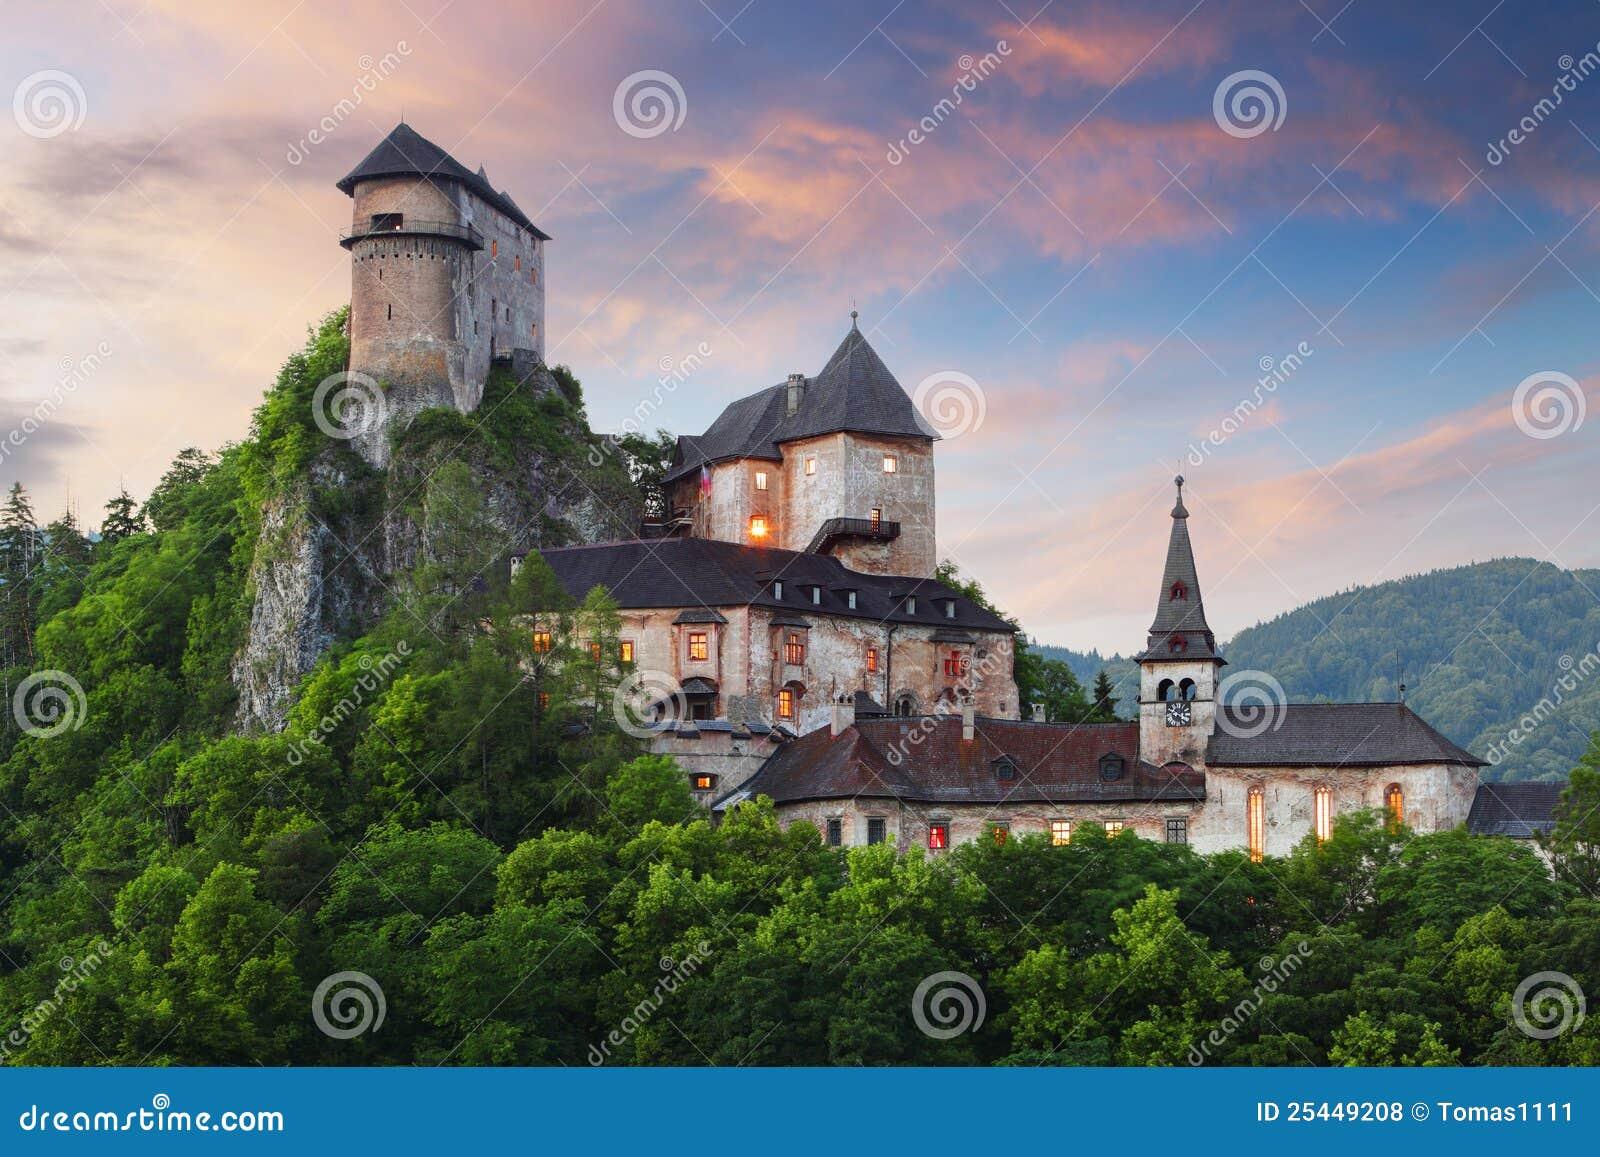 Het kasteel van Slowakije bij zonsondergang - Oravsky hrad